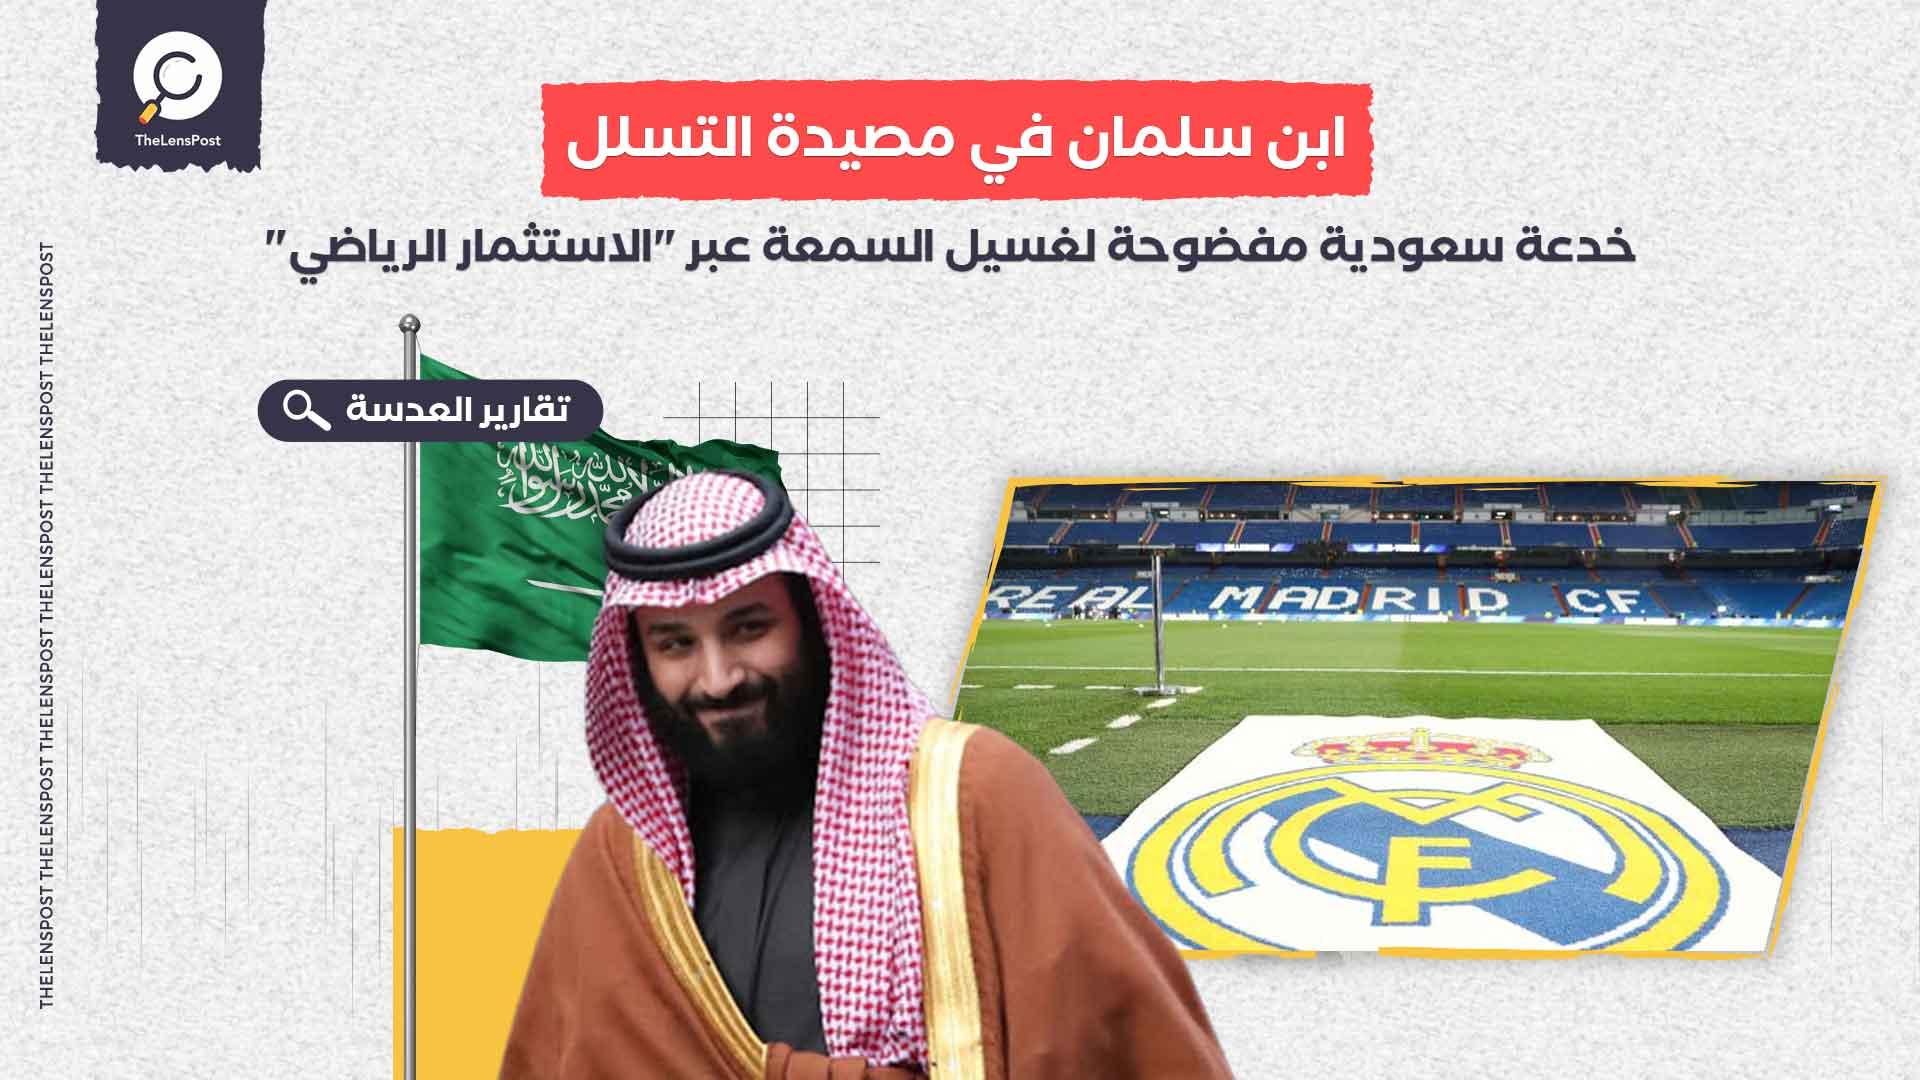 """بن سلمان في مصيدة التسلل.. خدعة سعودية مفضوحة لغسيل السمعة عبر """"الاستثمار الرياضي"""""""